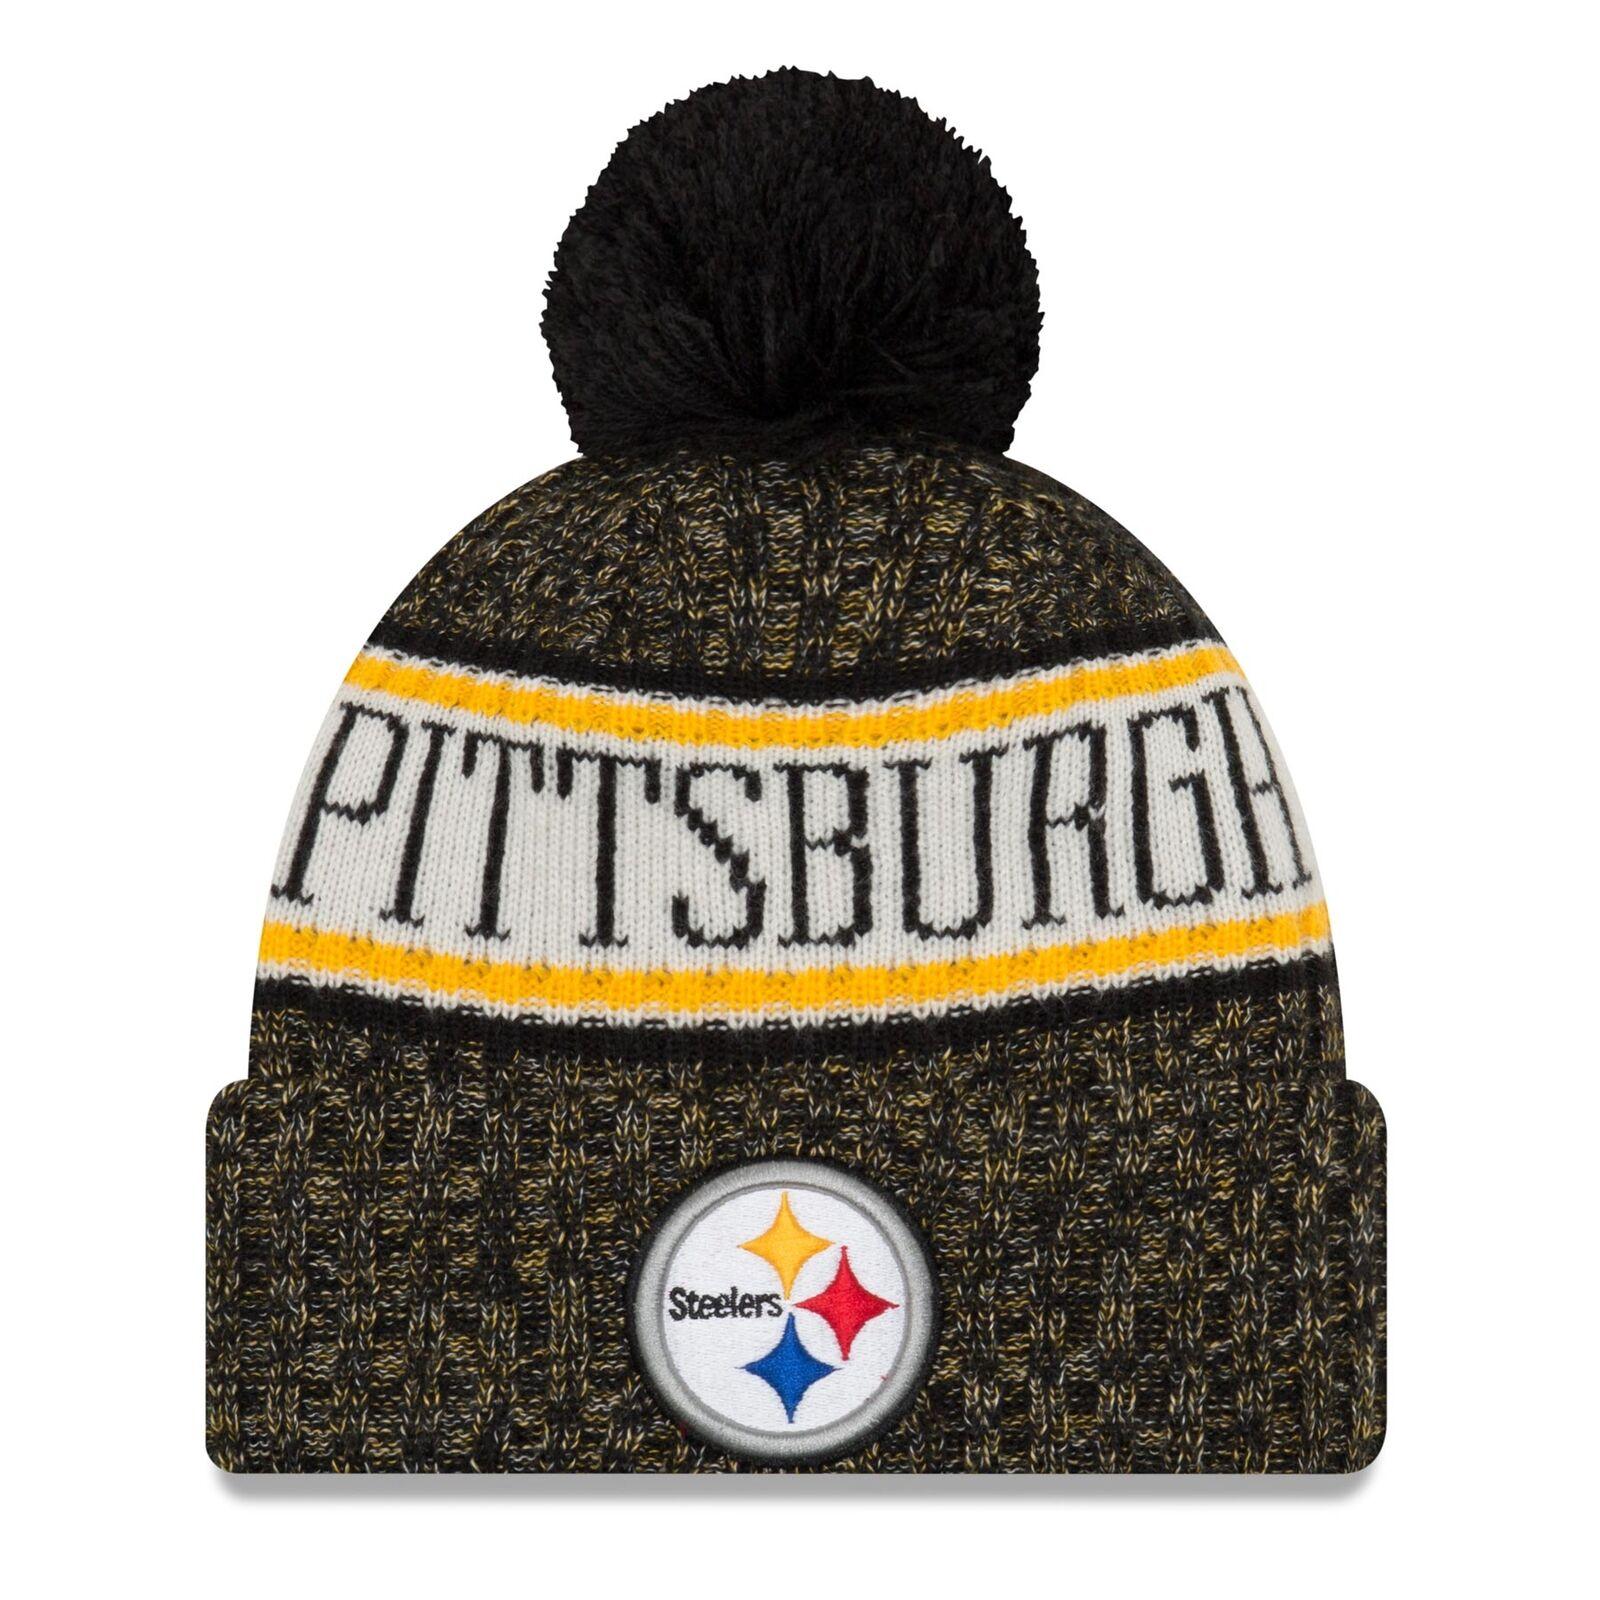 2018 Pittsburgh Steelers Era Knit Hat on Field Sideline Beanie ... 9d3ed5d72